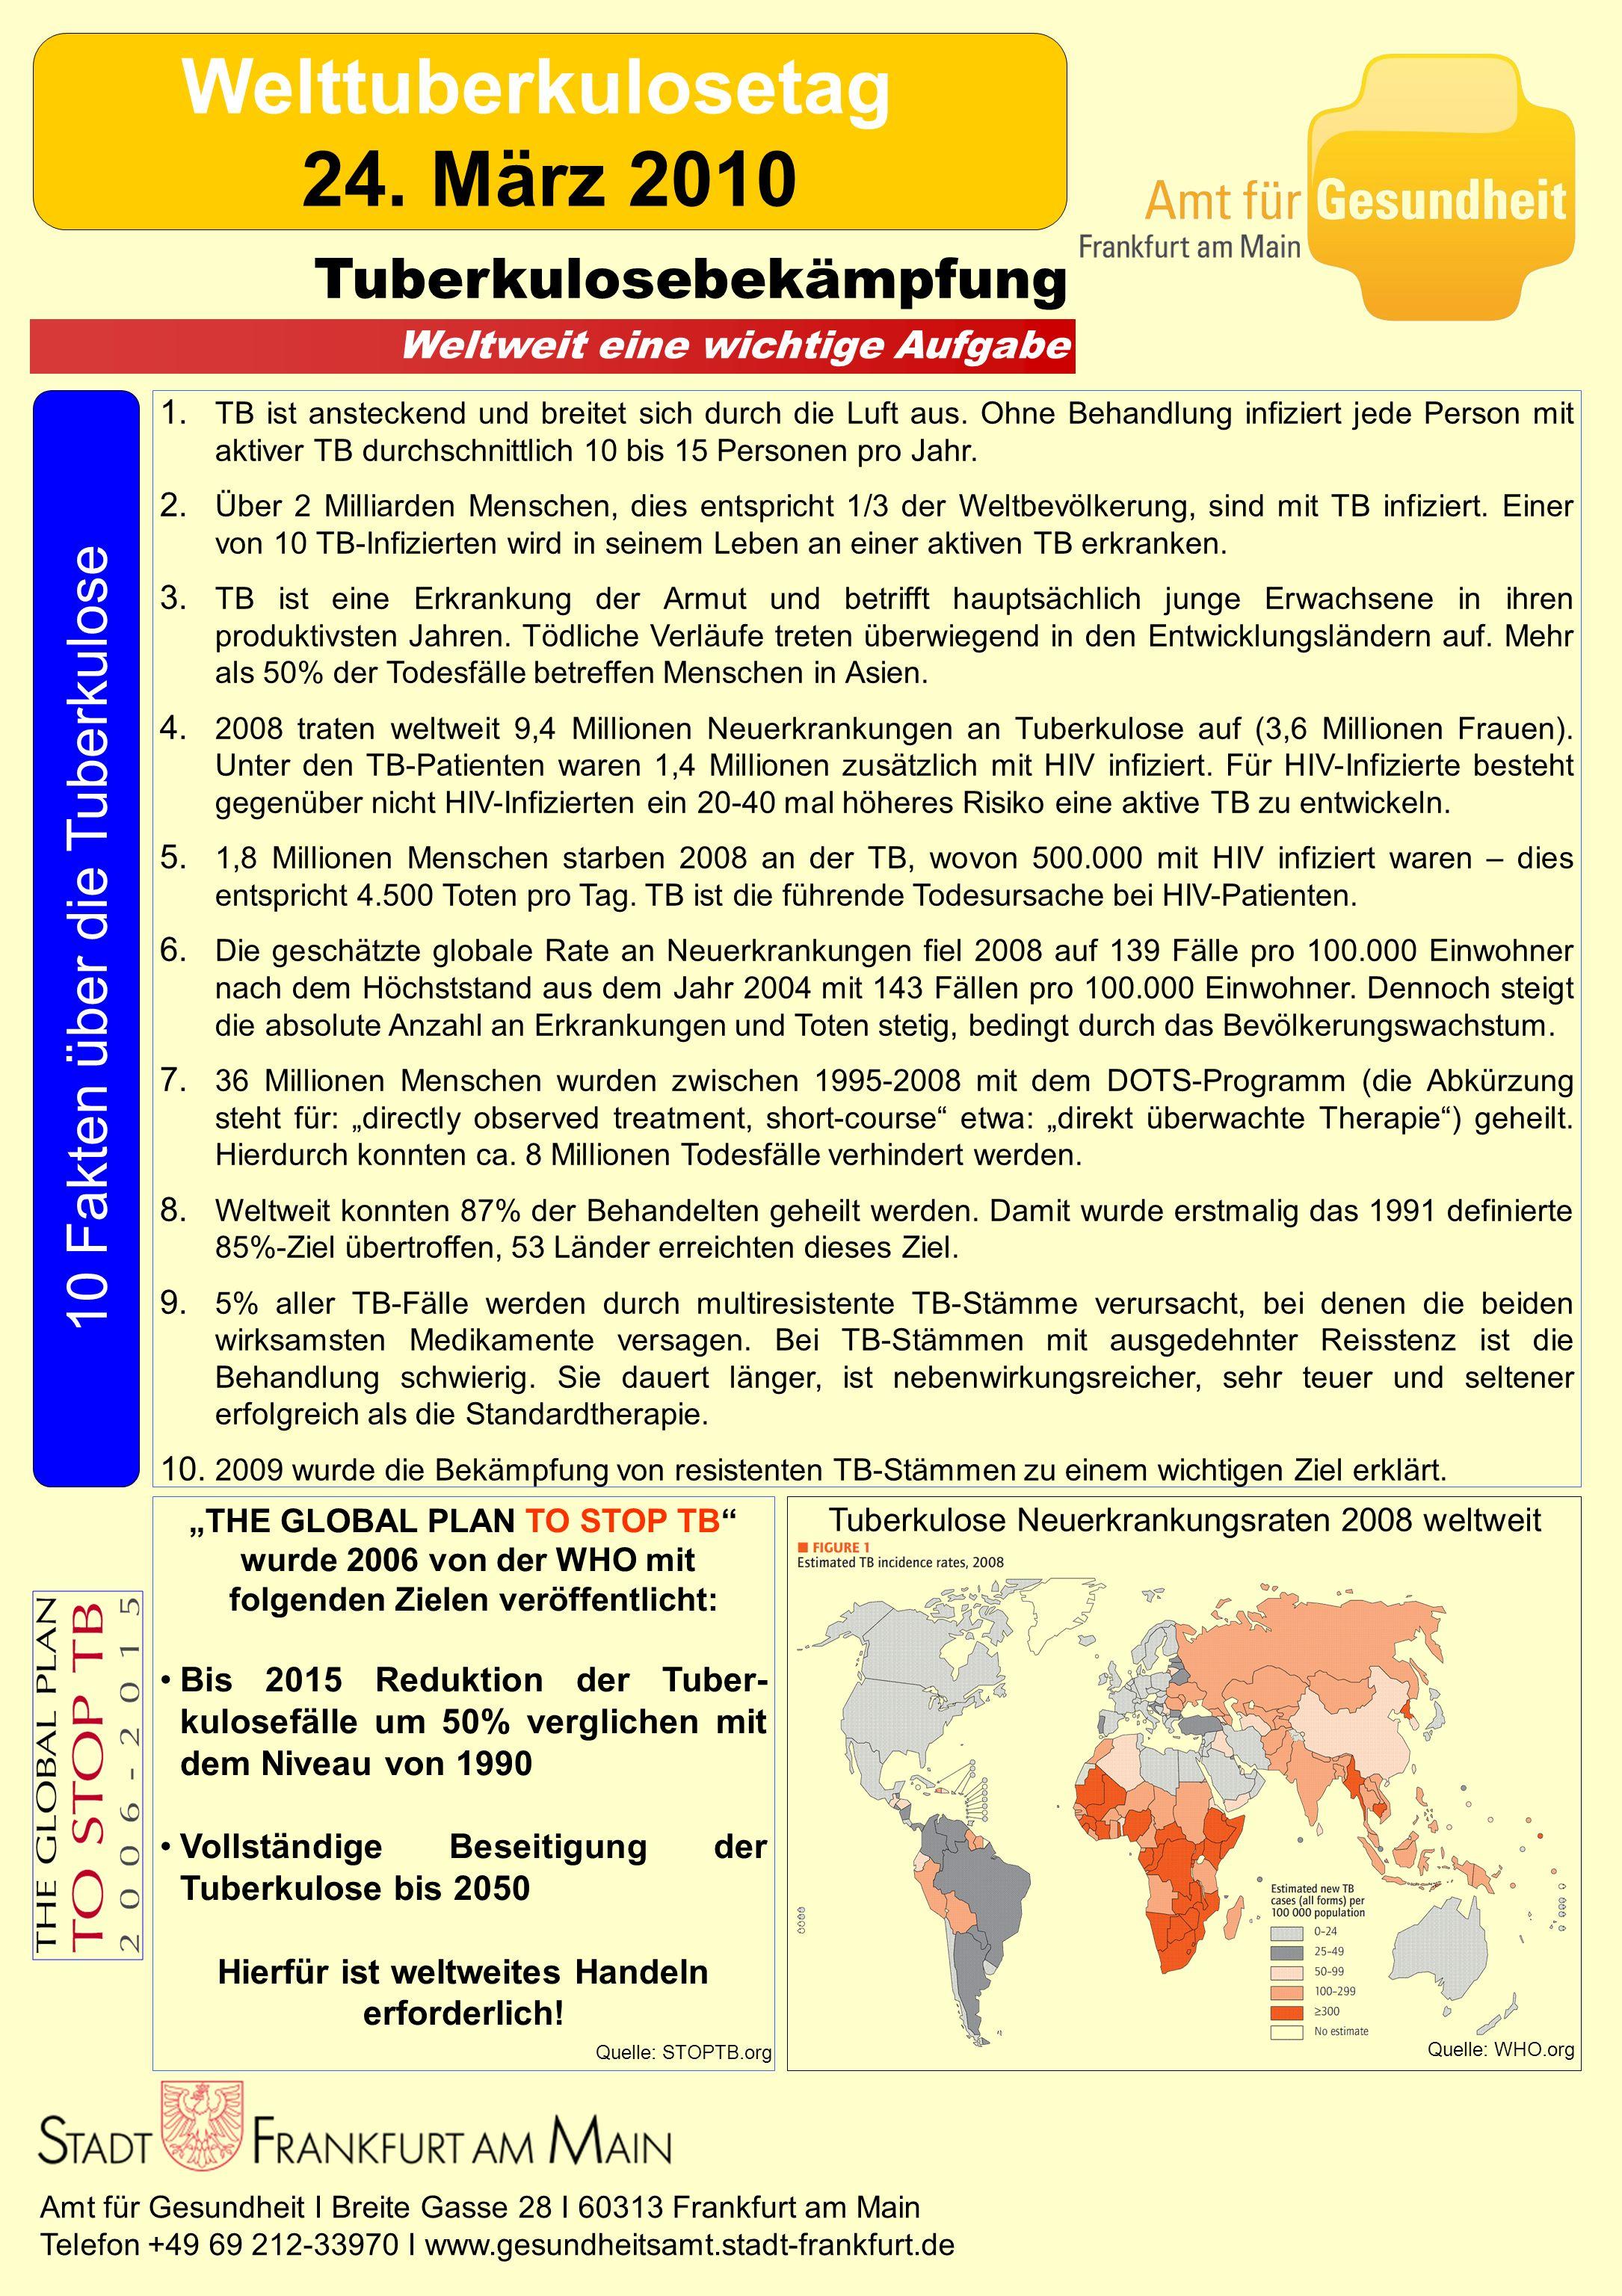 10 Fakten über die Tuberkulose